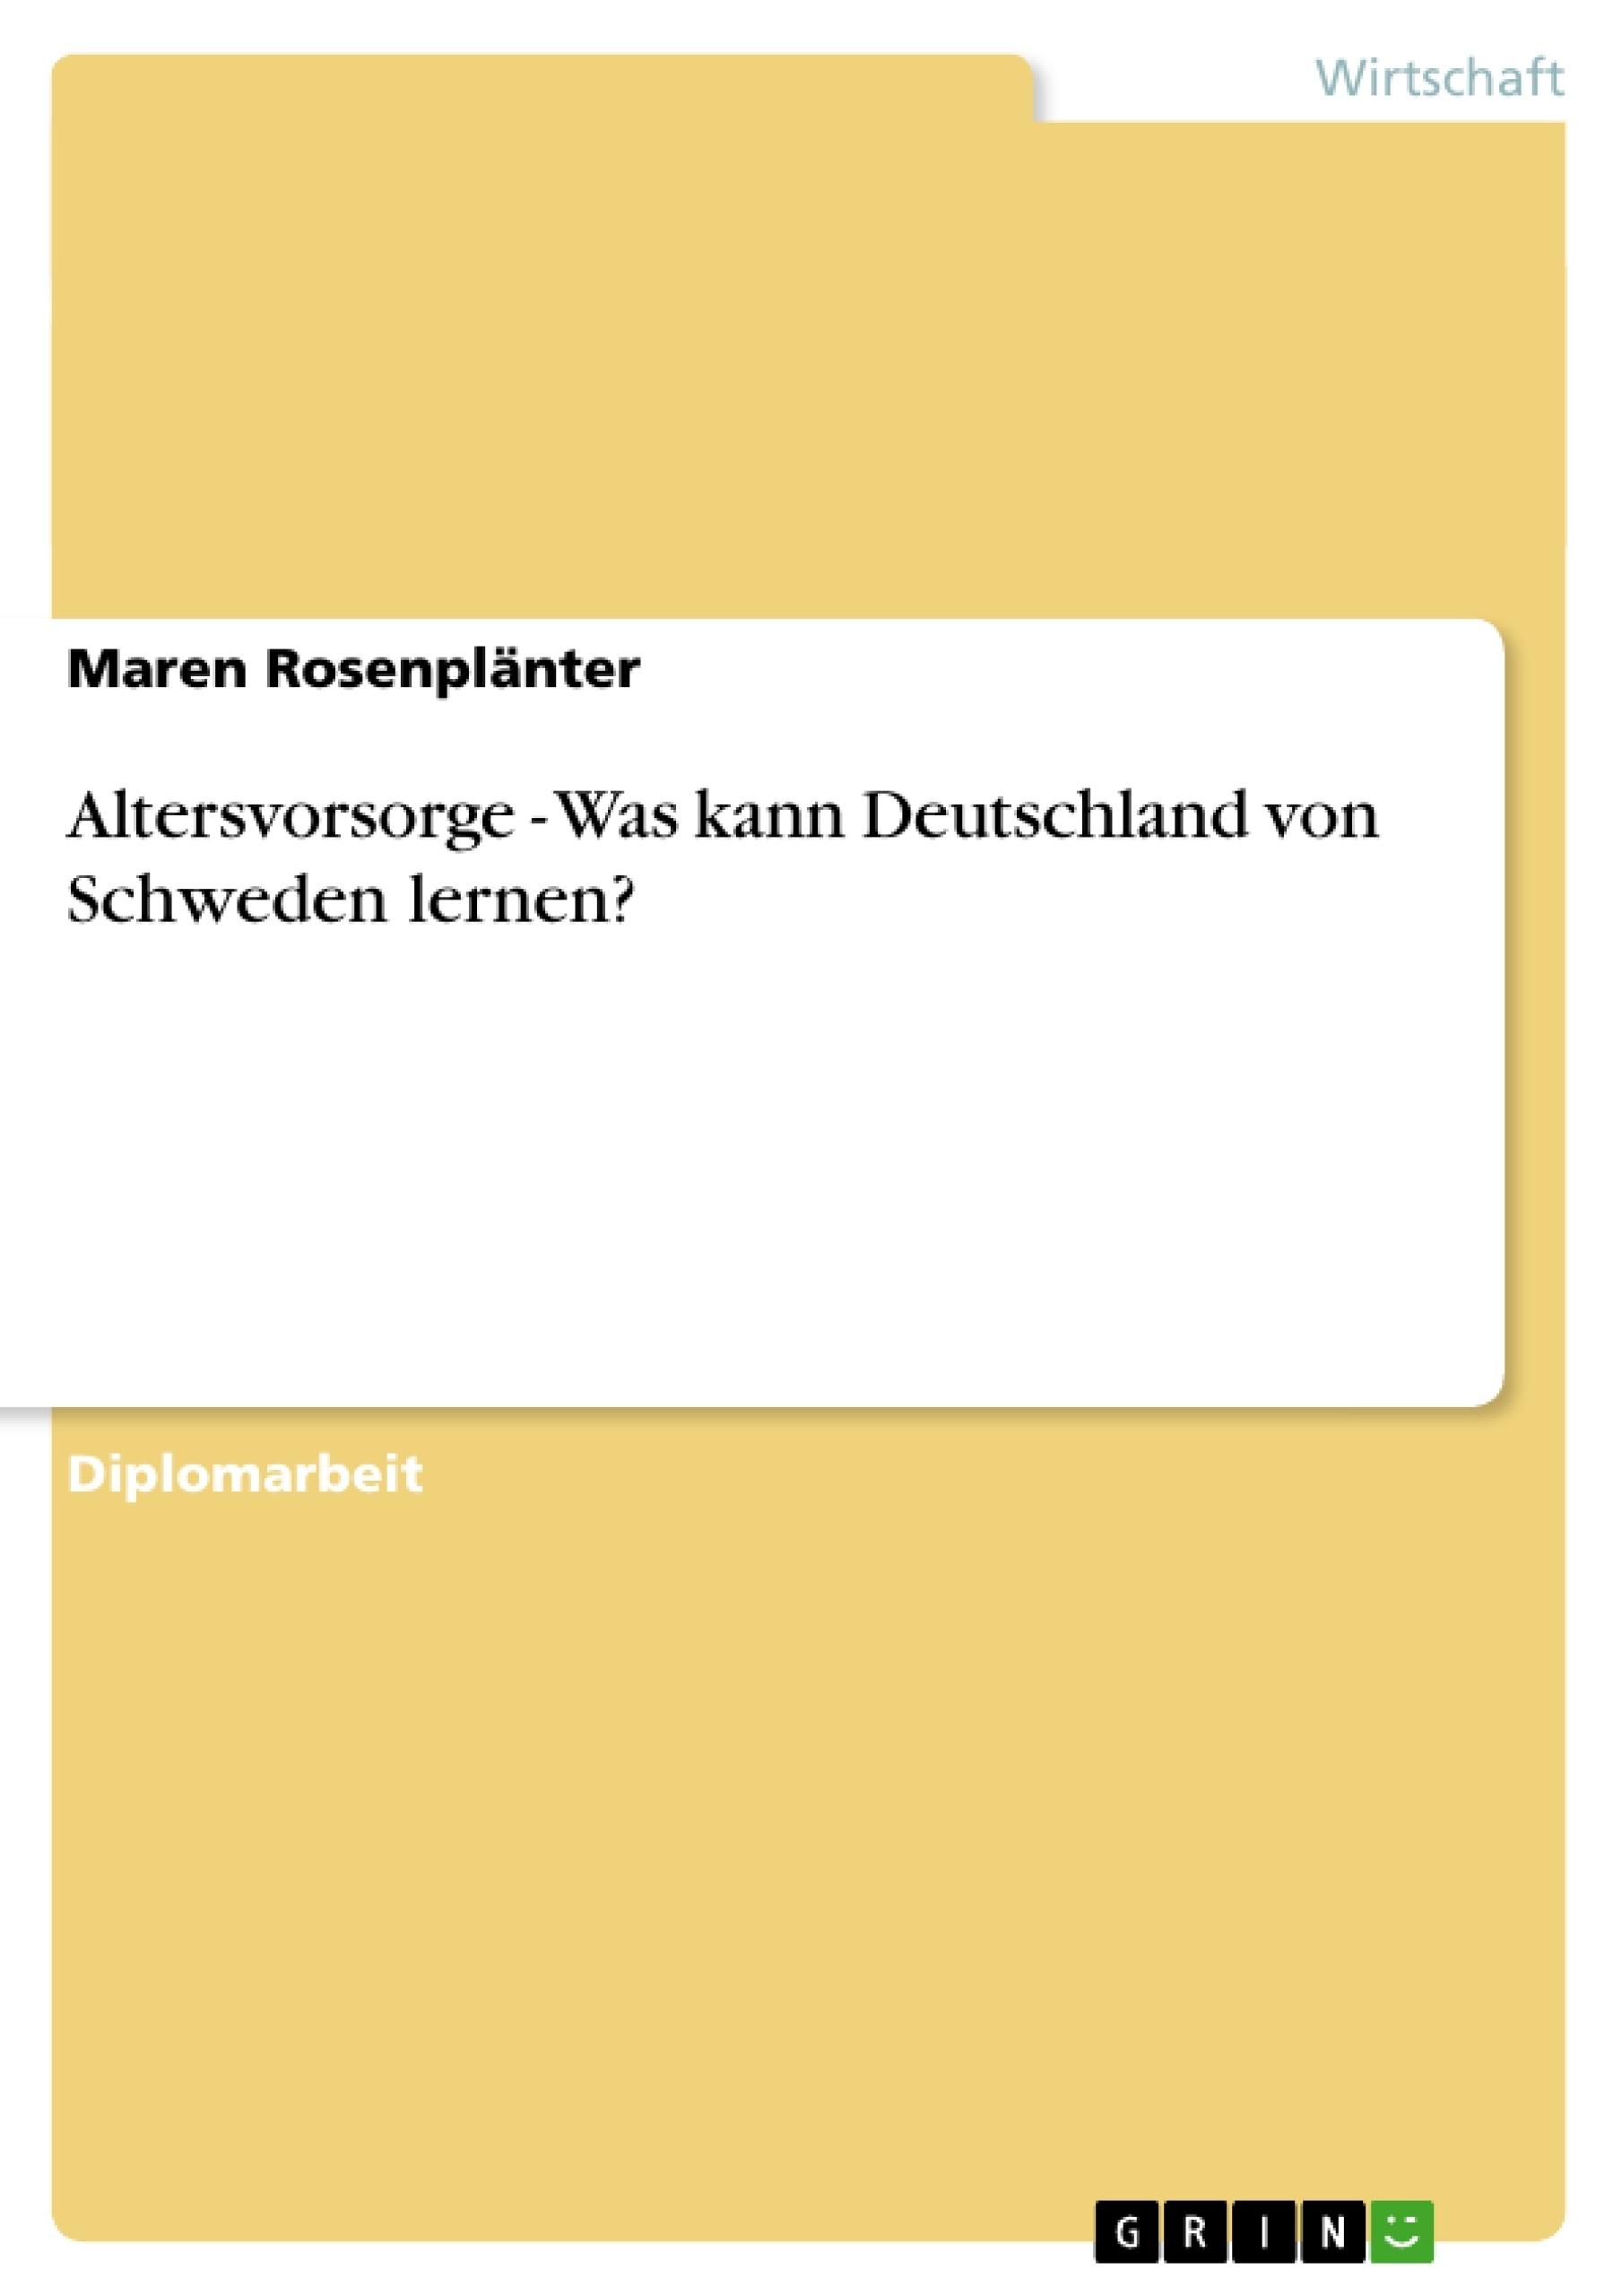 Titel: Altersvorsorge - Was kann Deutschland von Schweden lernen?